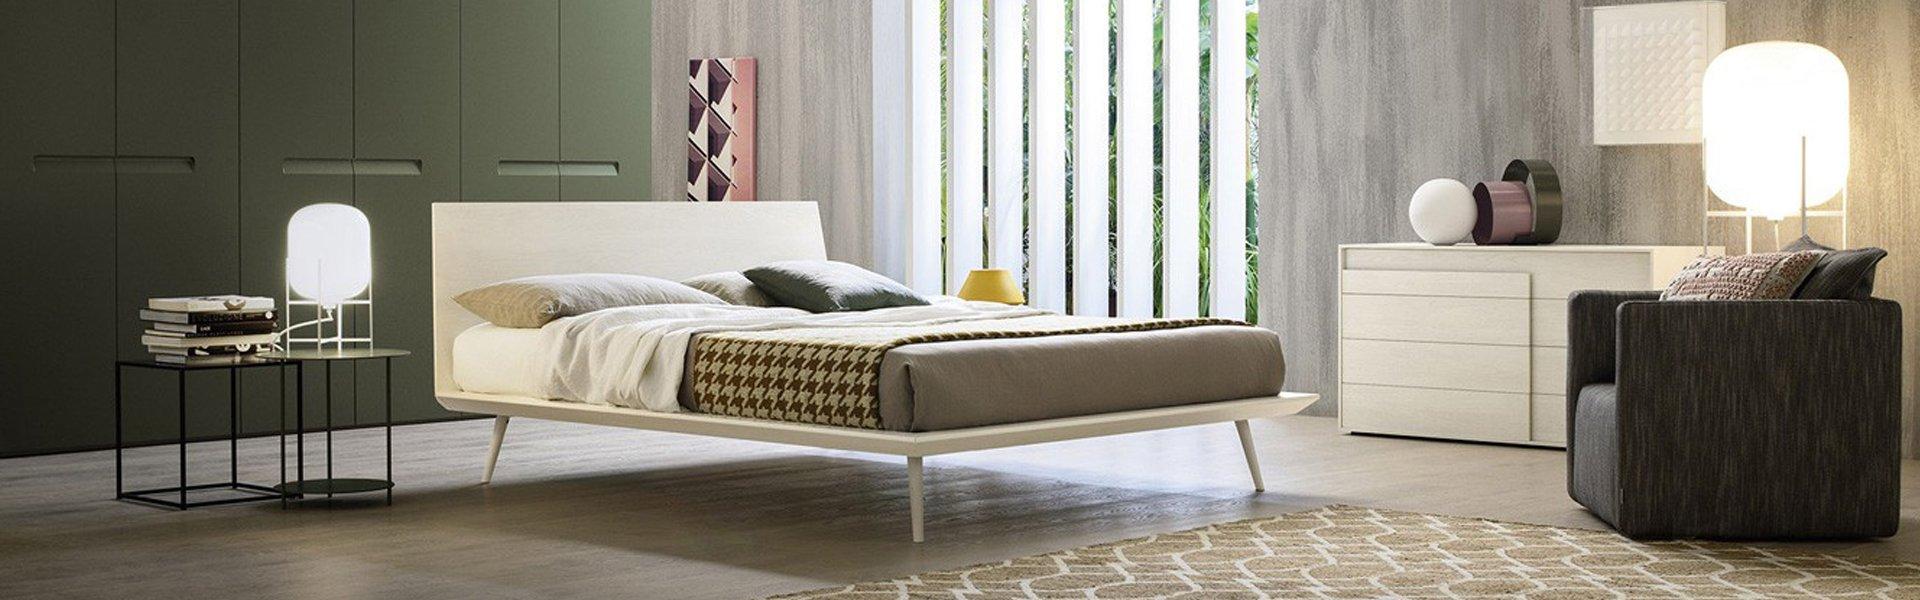 Camera da letto a Battipaglia da Montella Prisma Arredo